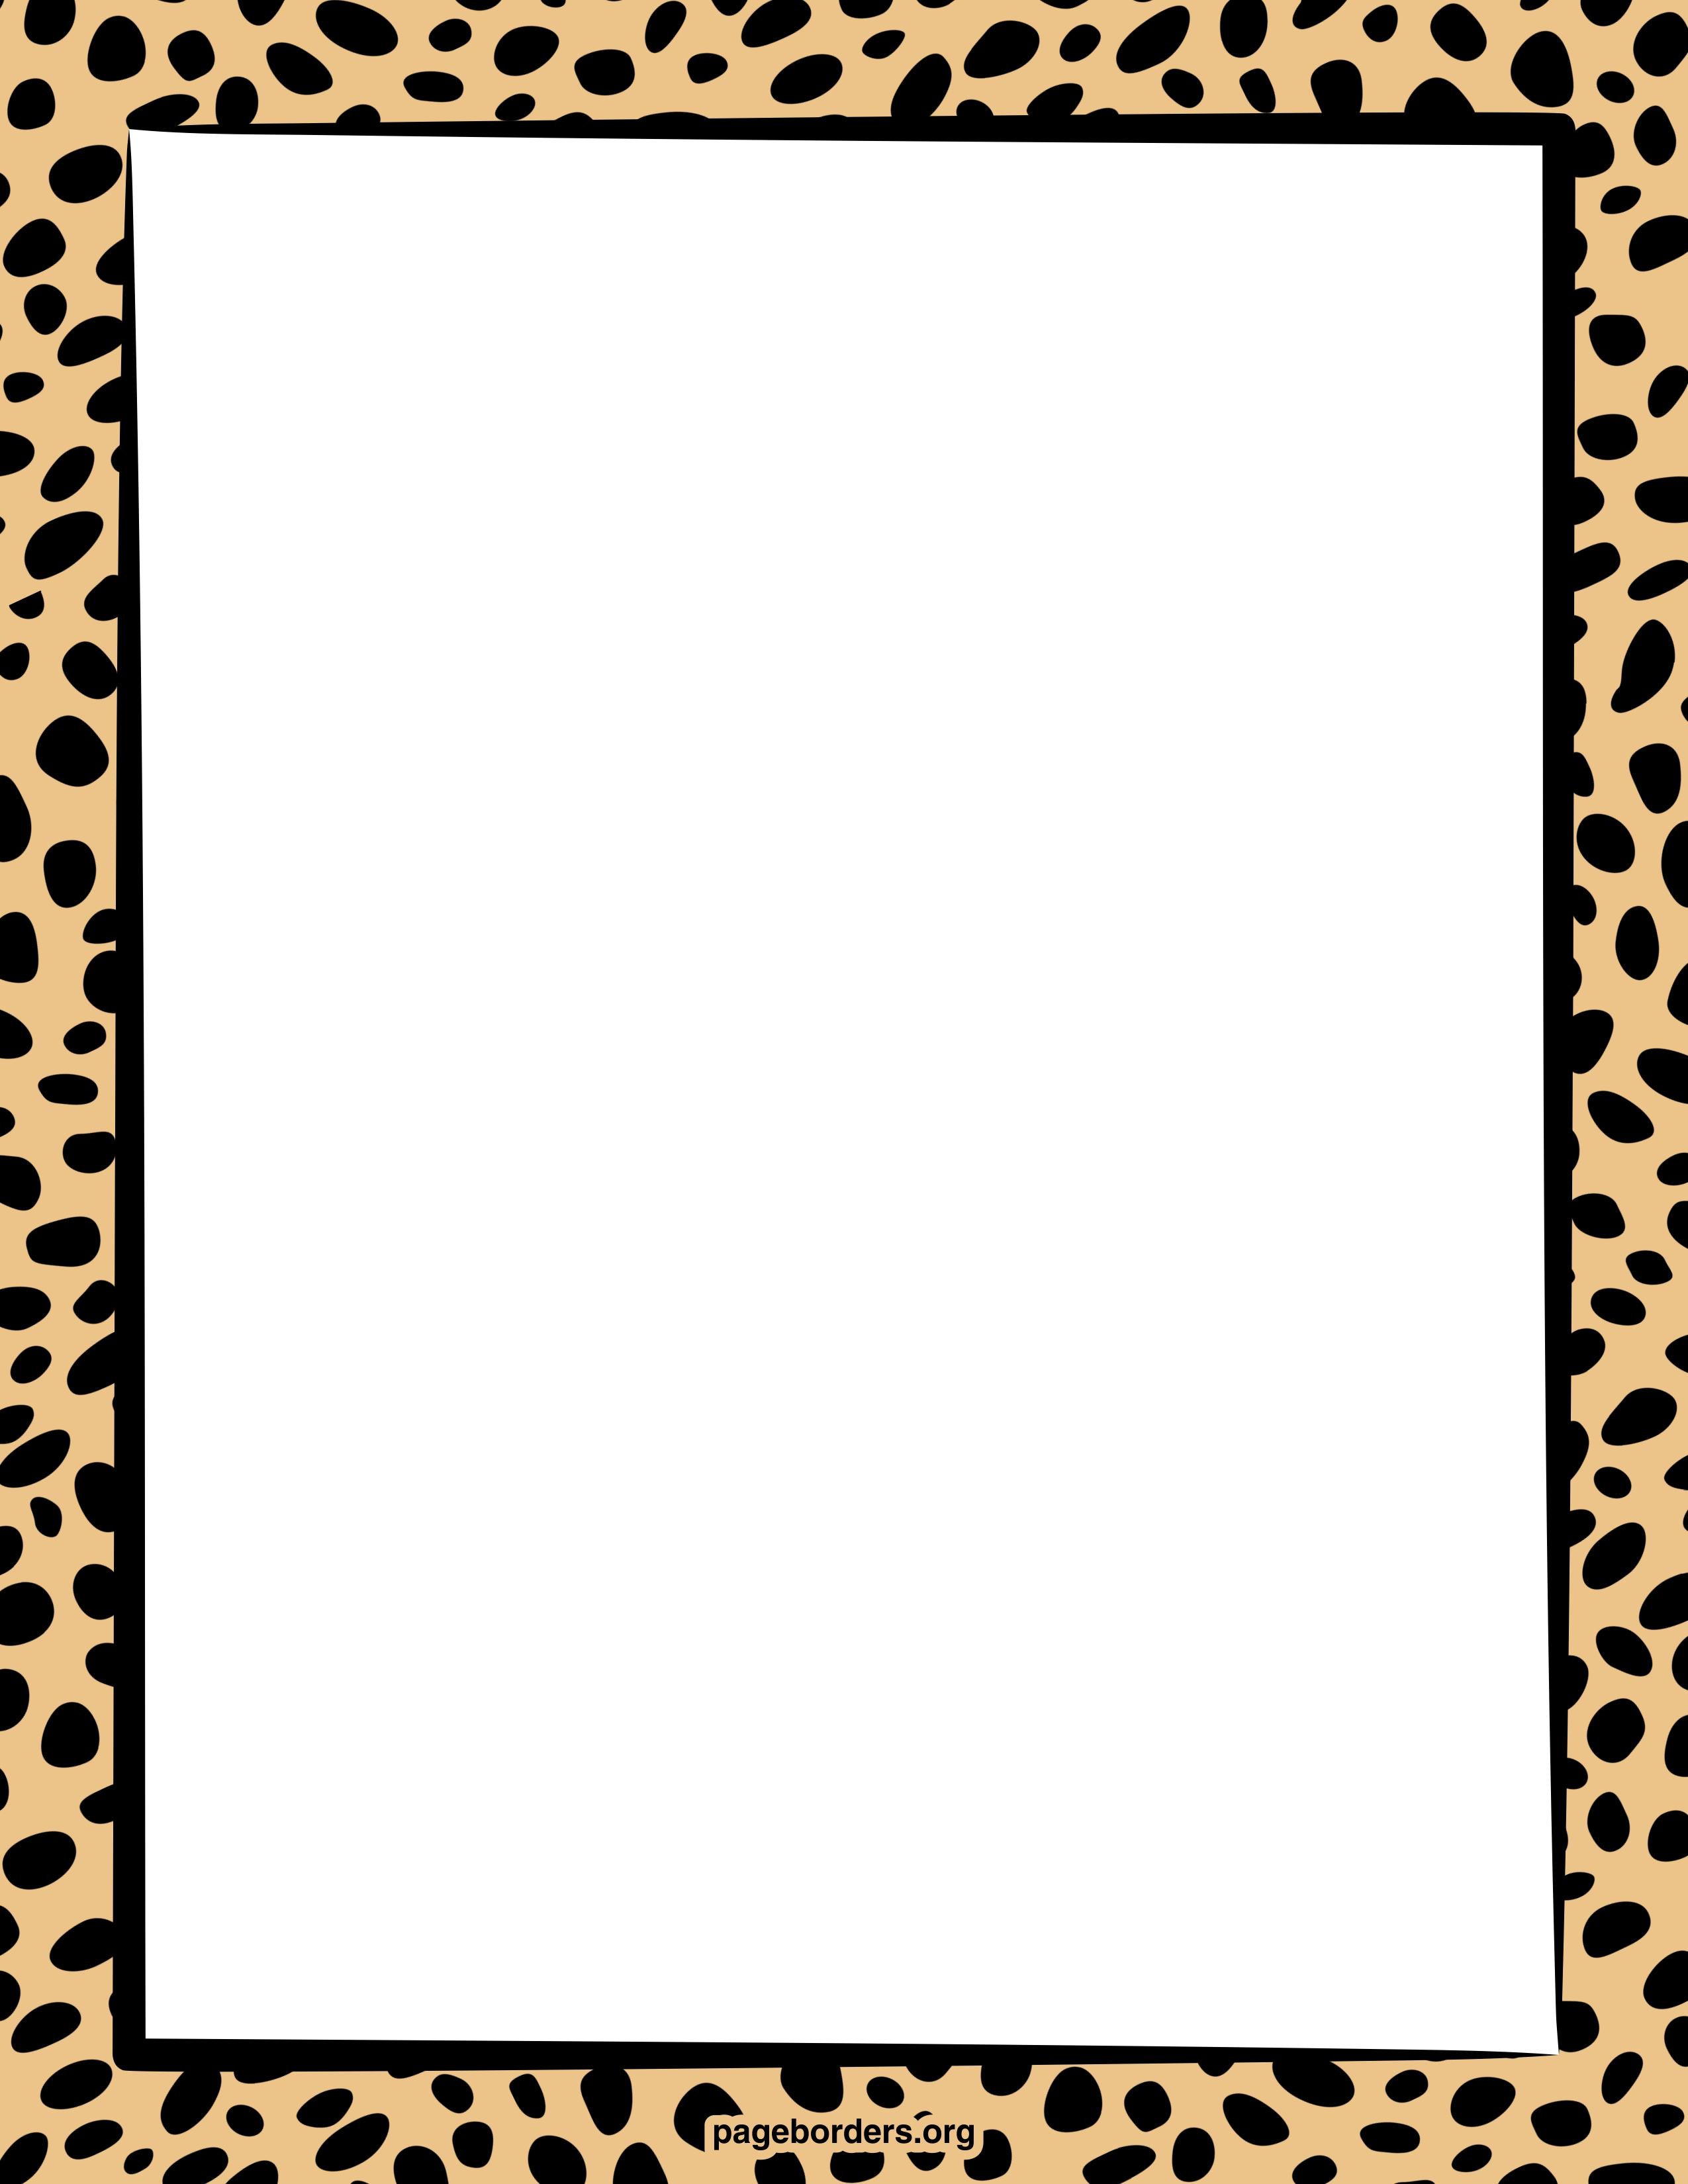 Cliparts border. Clipartfest giraffe print clipart